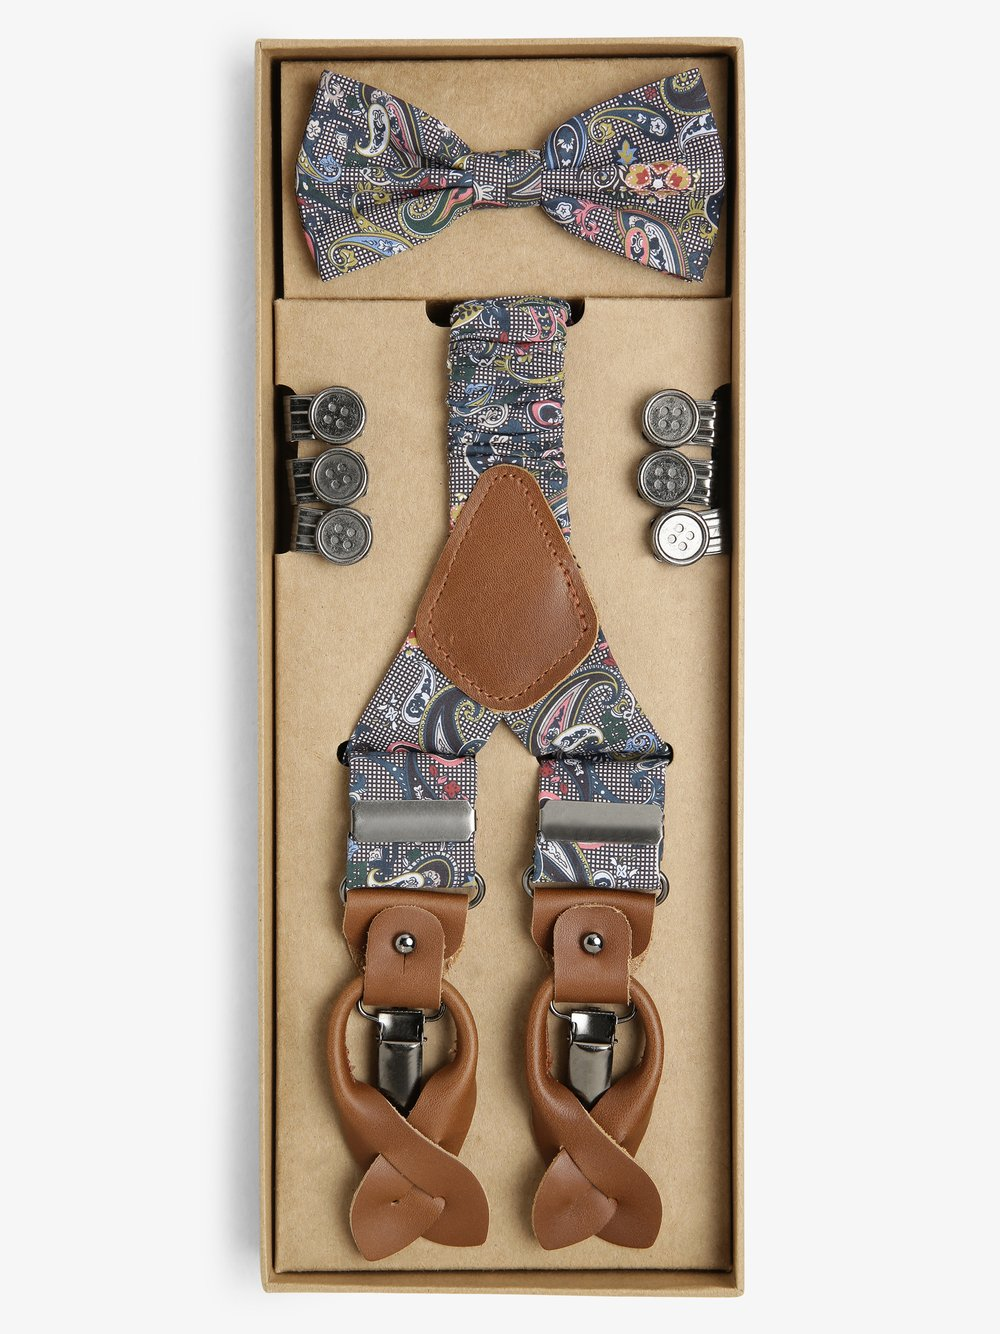 Finshley & Harding London – Zestaw akcesoriów dla mężczyzn, wielokolorowy Van Graaf 487387-0001